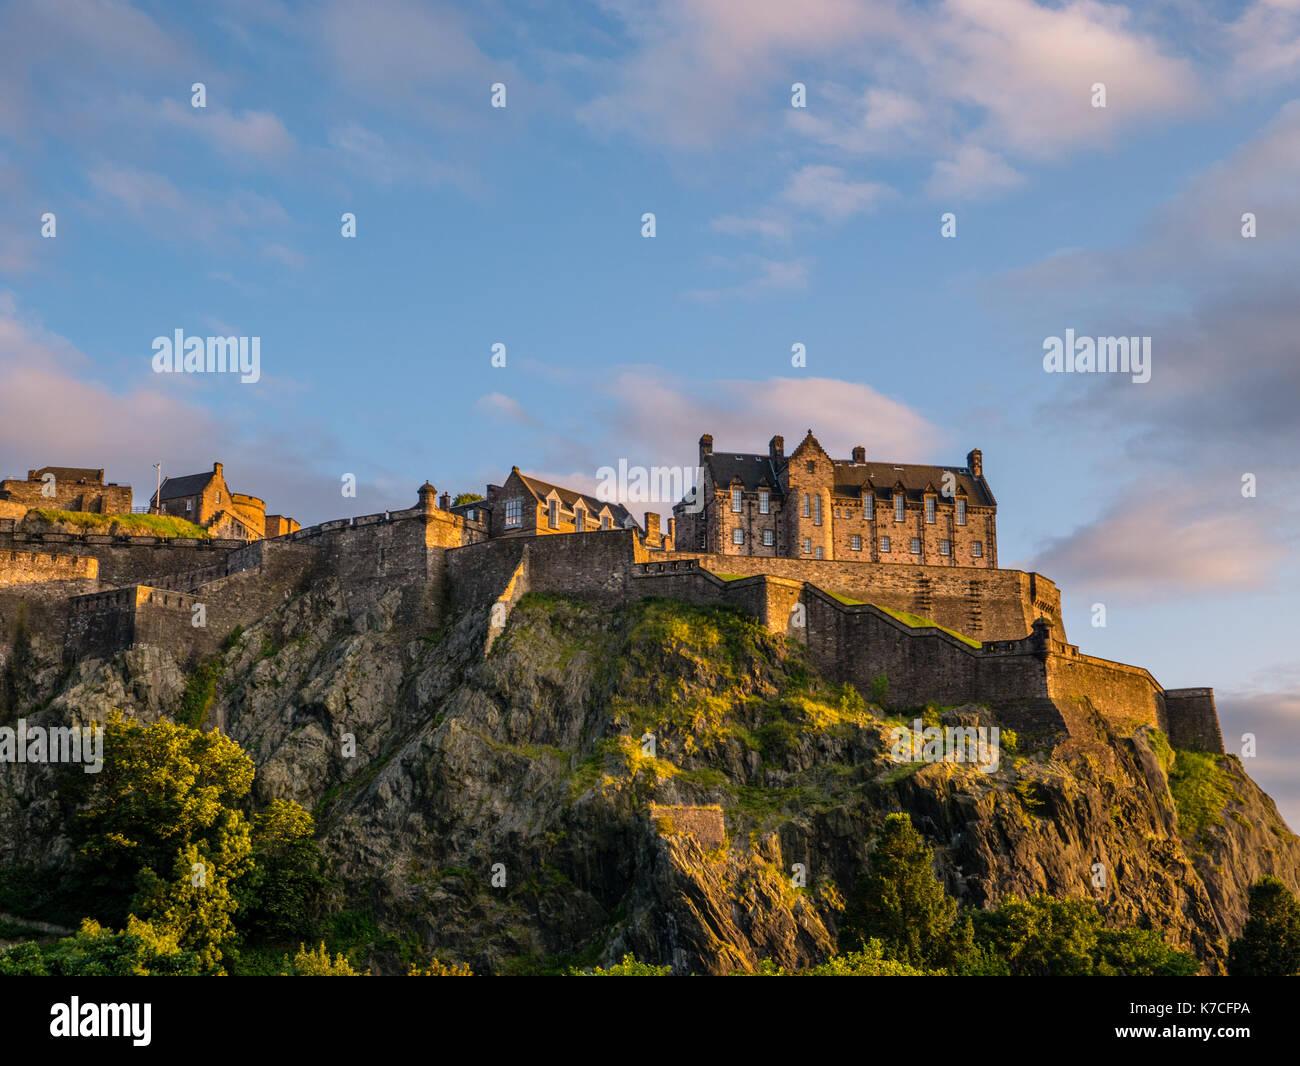 Sonnenuntergang, Edinburgh Castle, gesehen von der Princes Street Gardens und Edinburgh Castle, Castle Rock, Edinburgh, Schottland. Stockbild